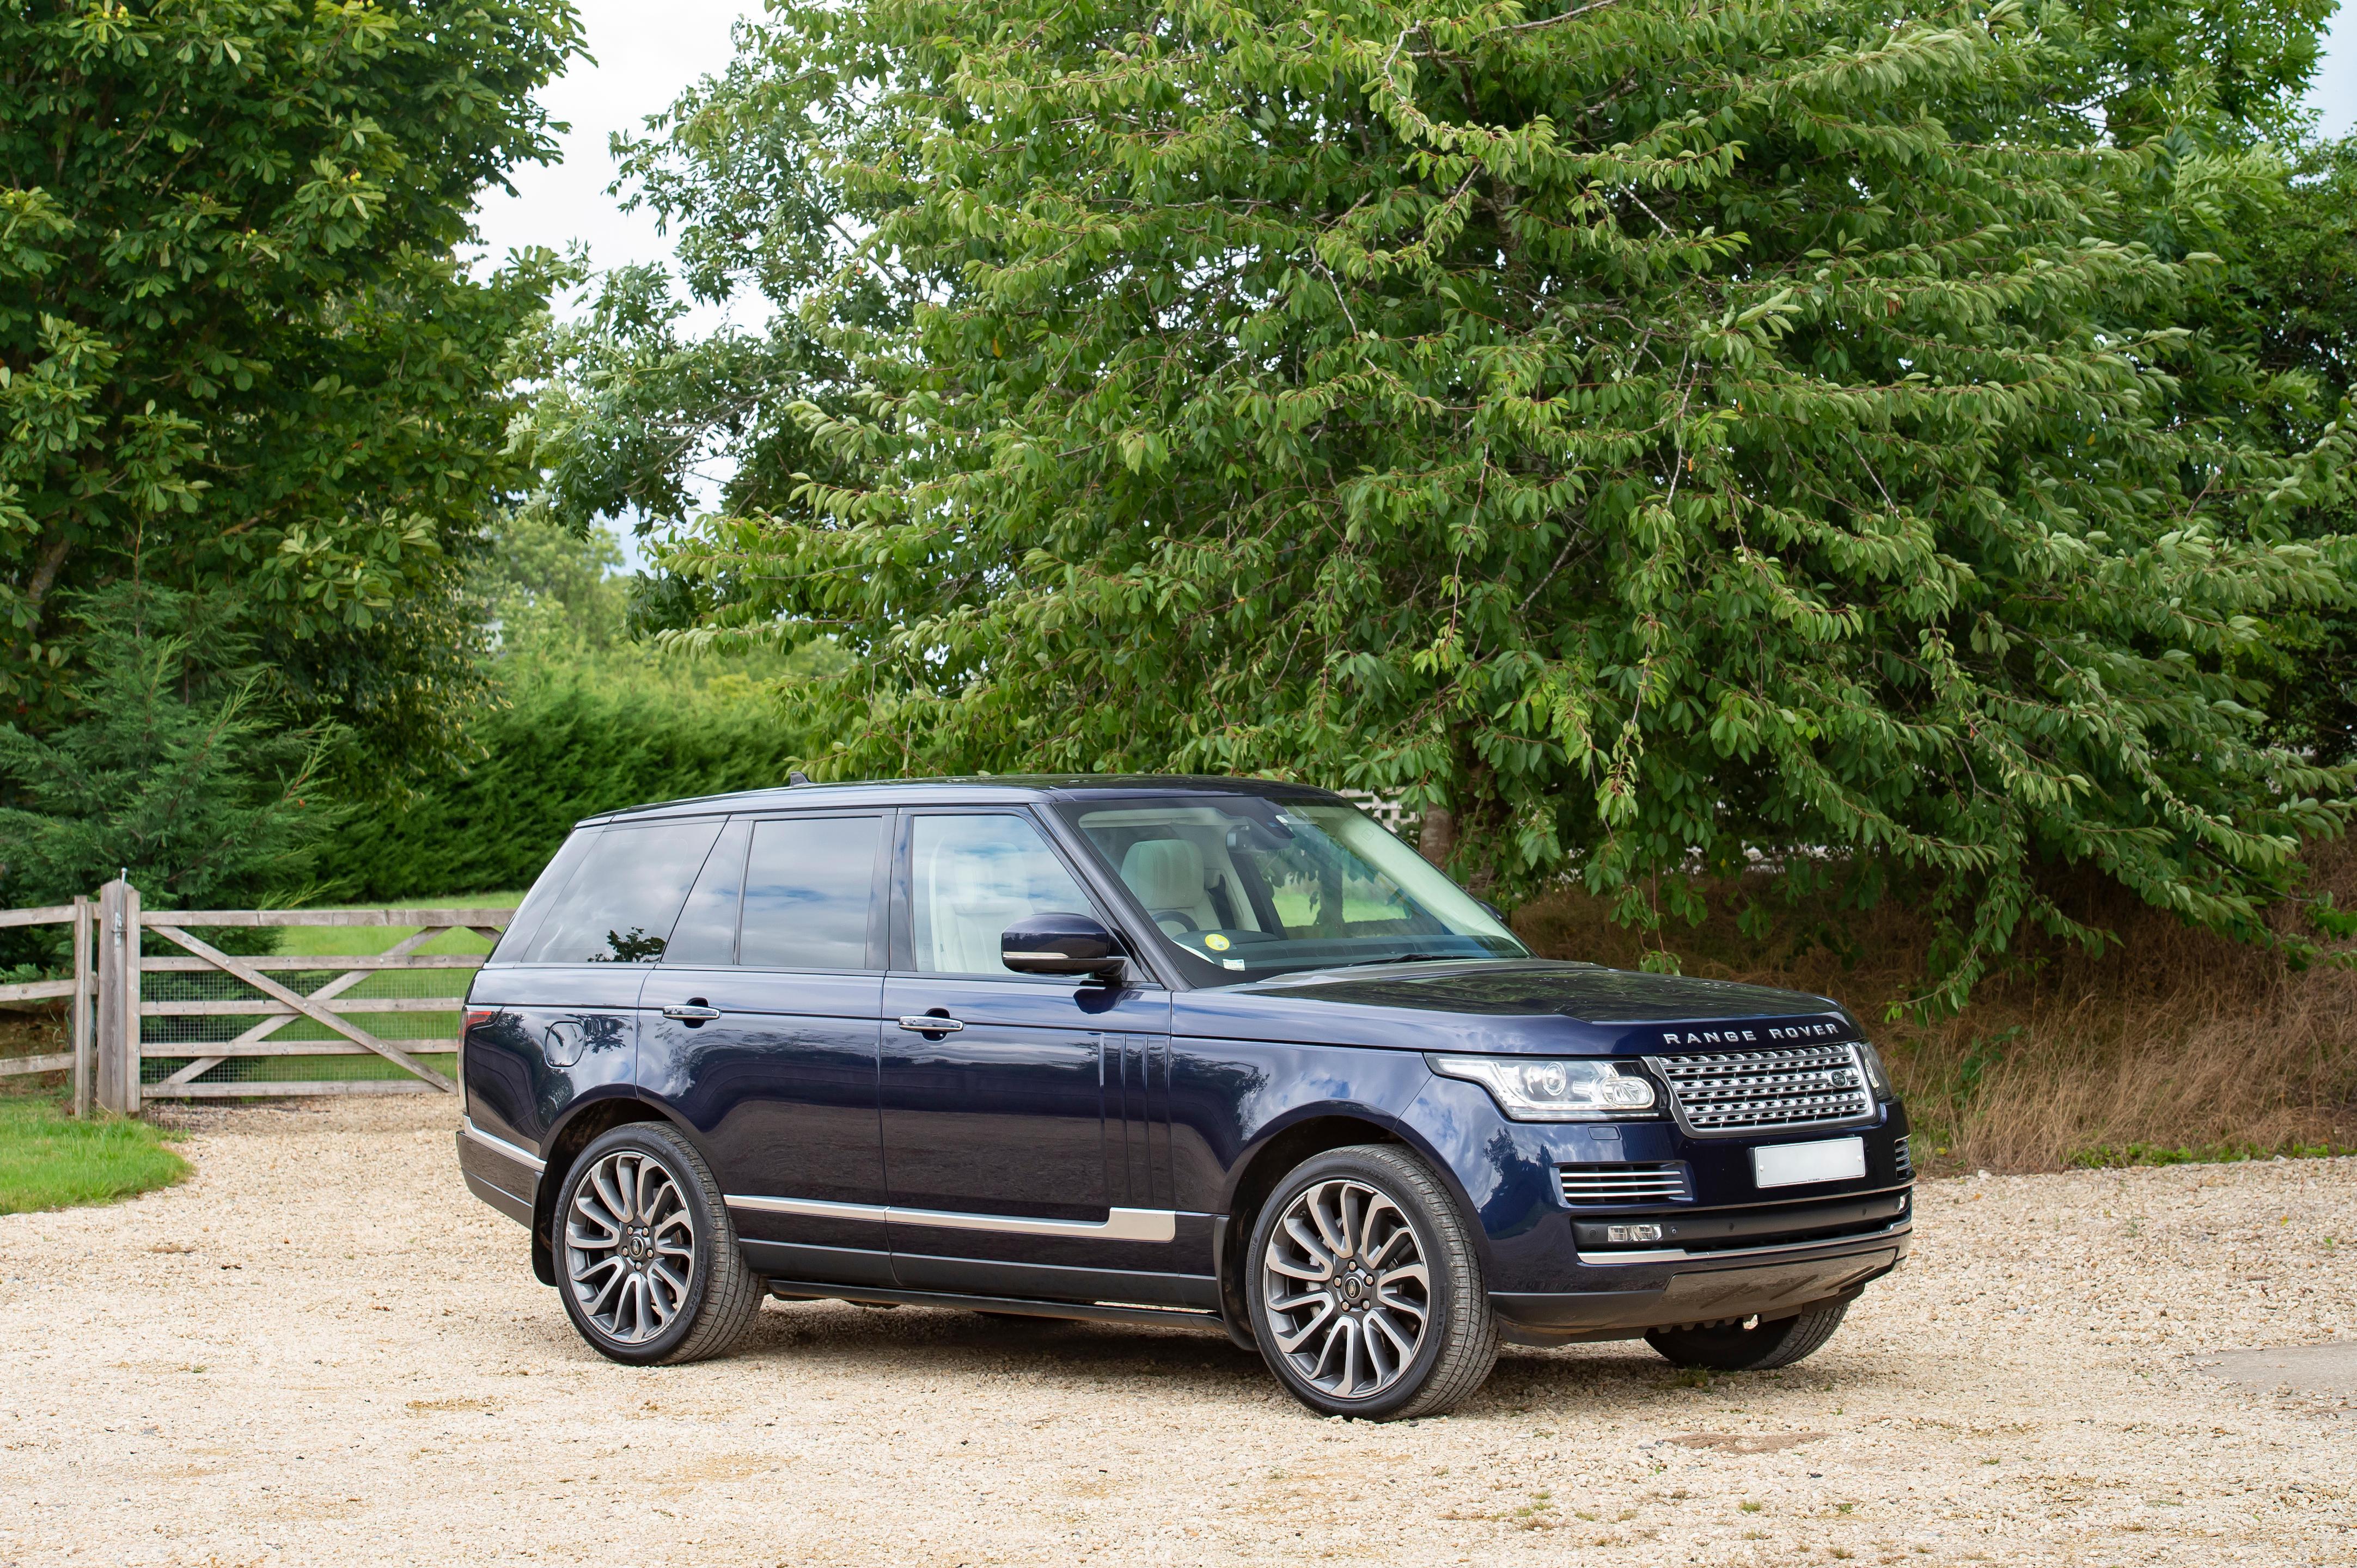 2015 Range Rover SDV8